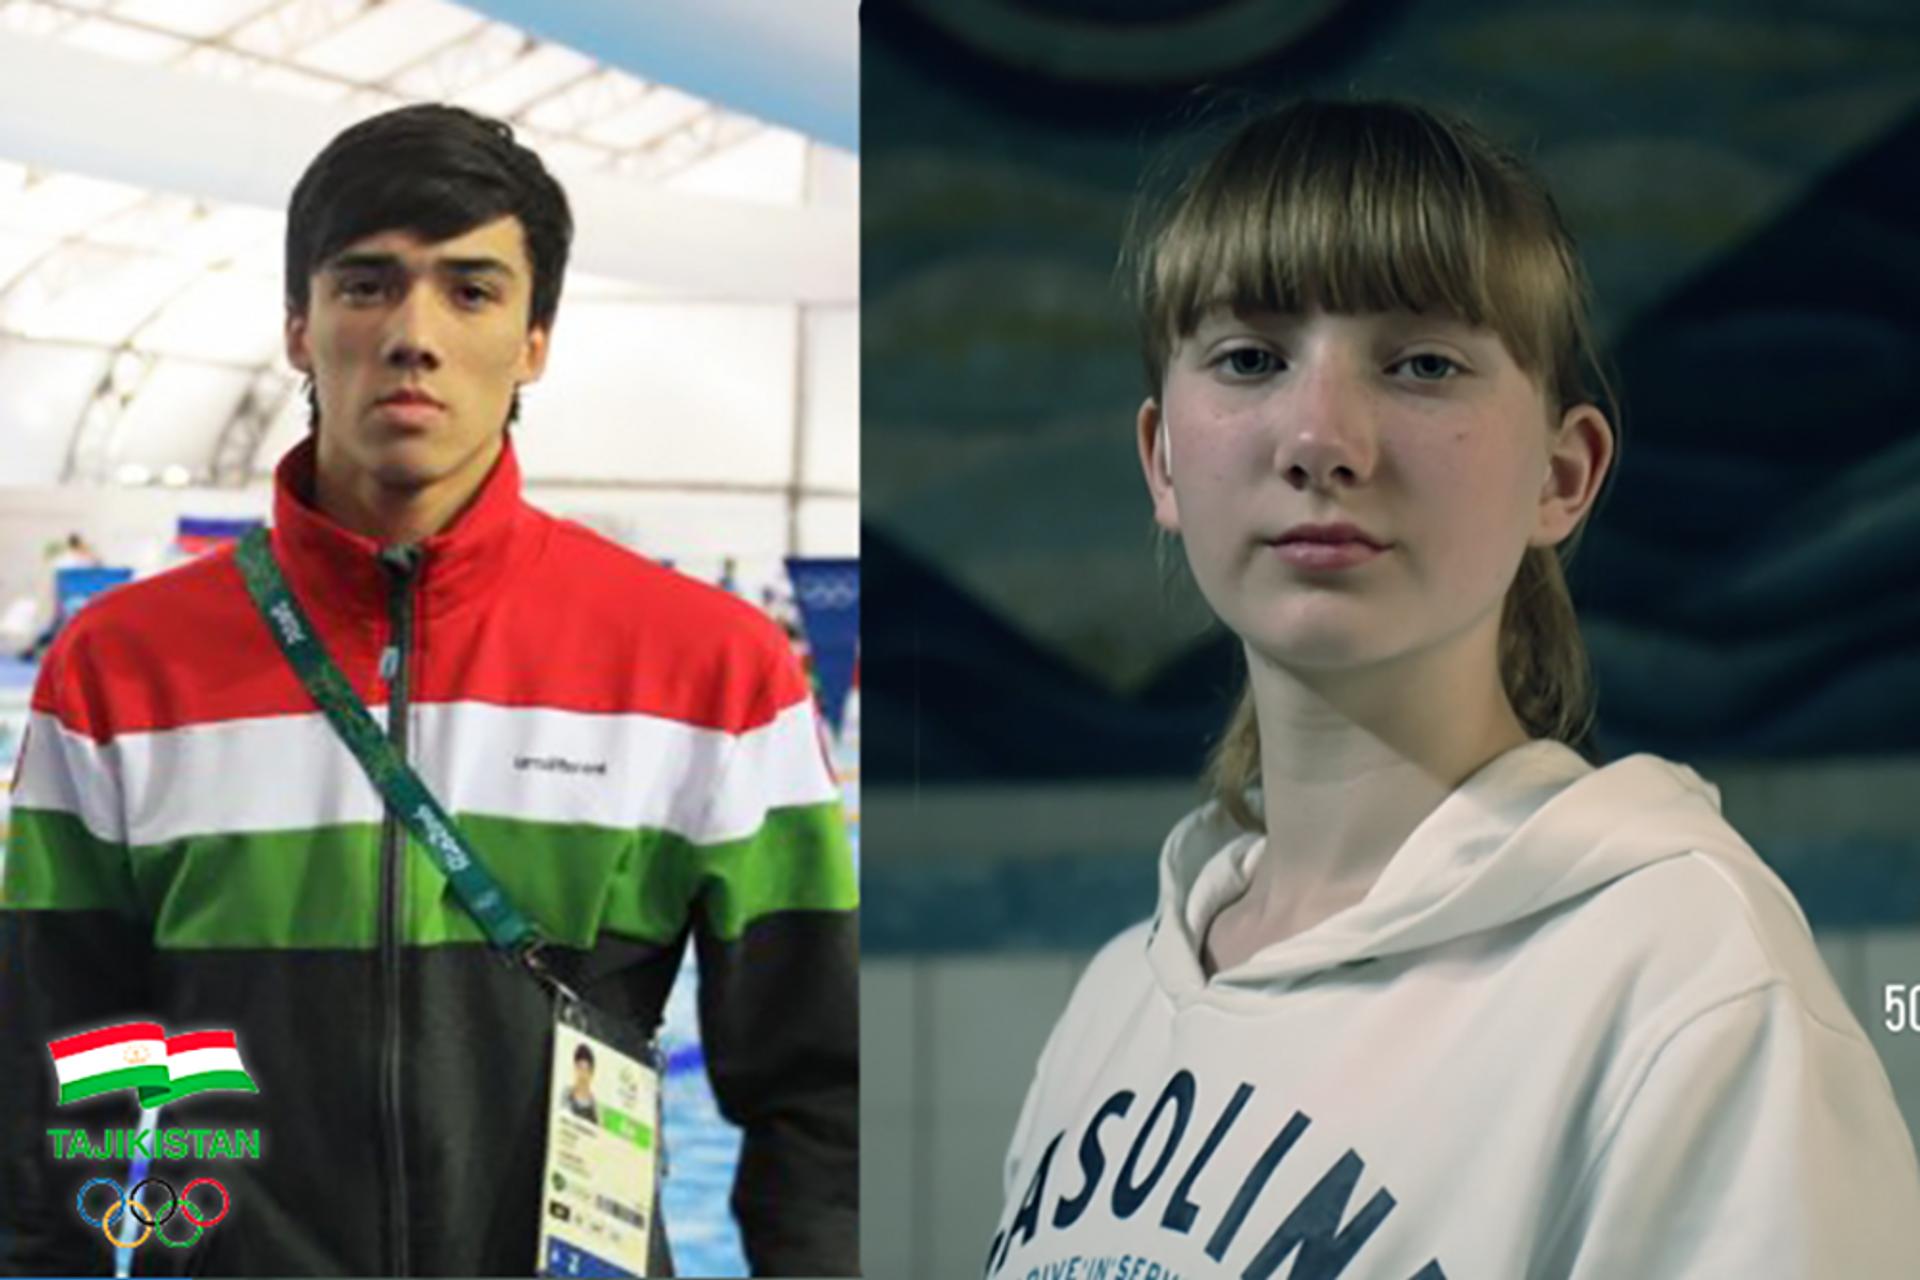 Члены сборной Таджикистана по плаванию Анастасия Тюрина и Олимжон Ишанов - Sputnik Таджикистан, 1920, 30.07.2021